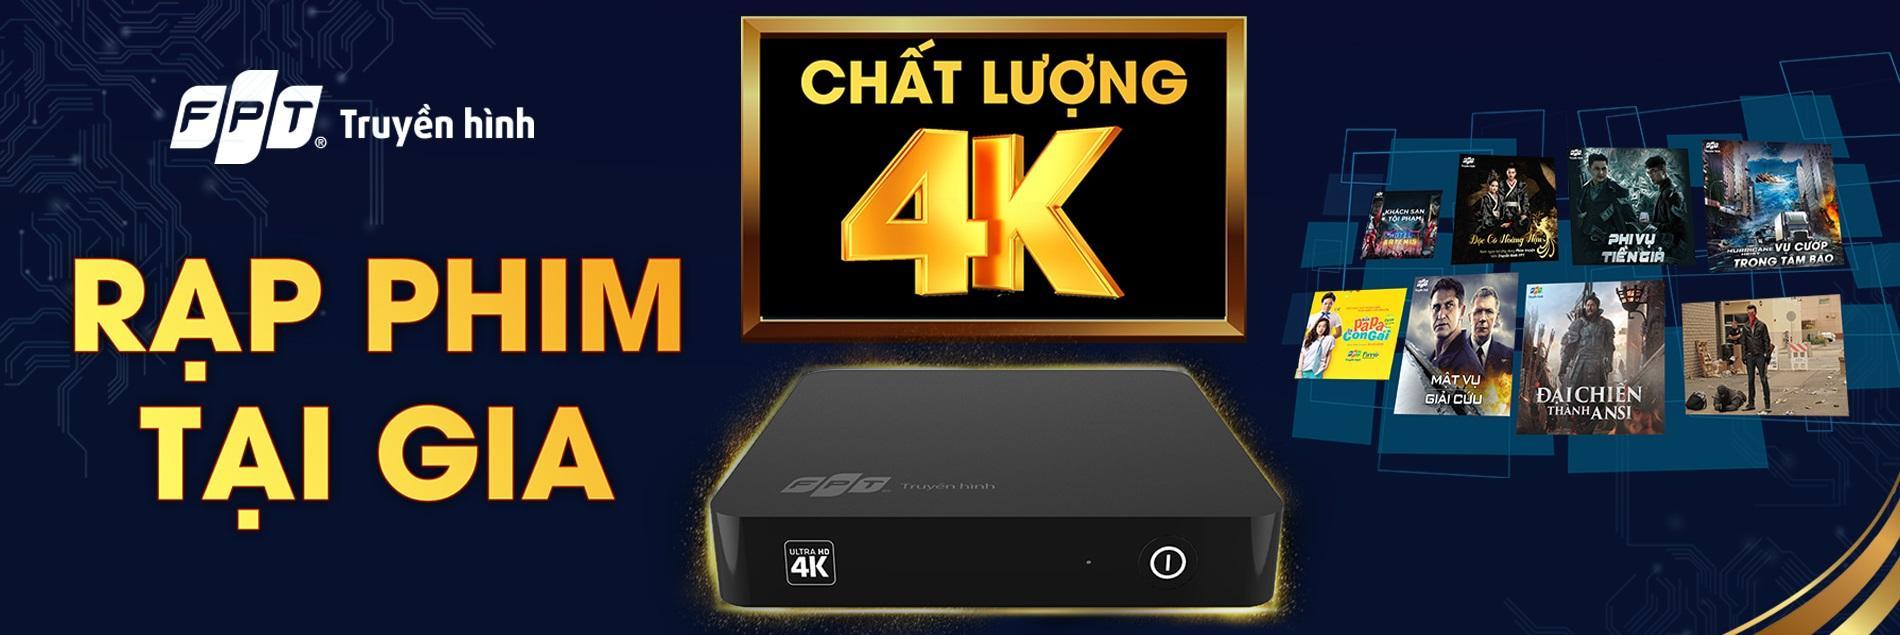 truyền hình 4k fpt